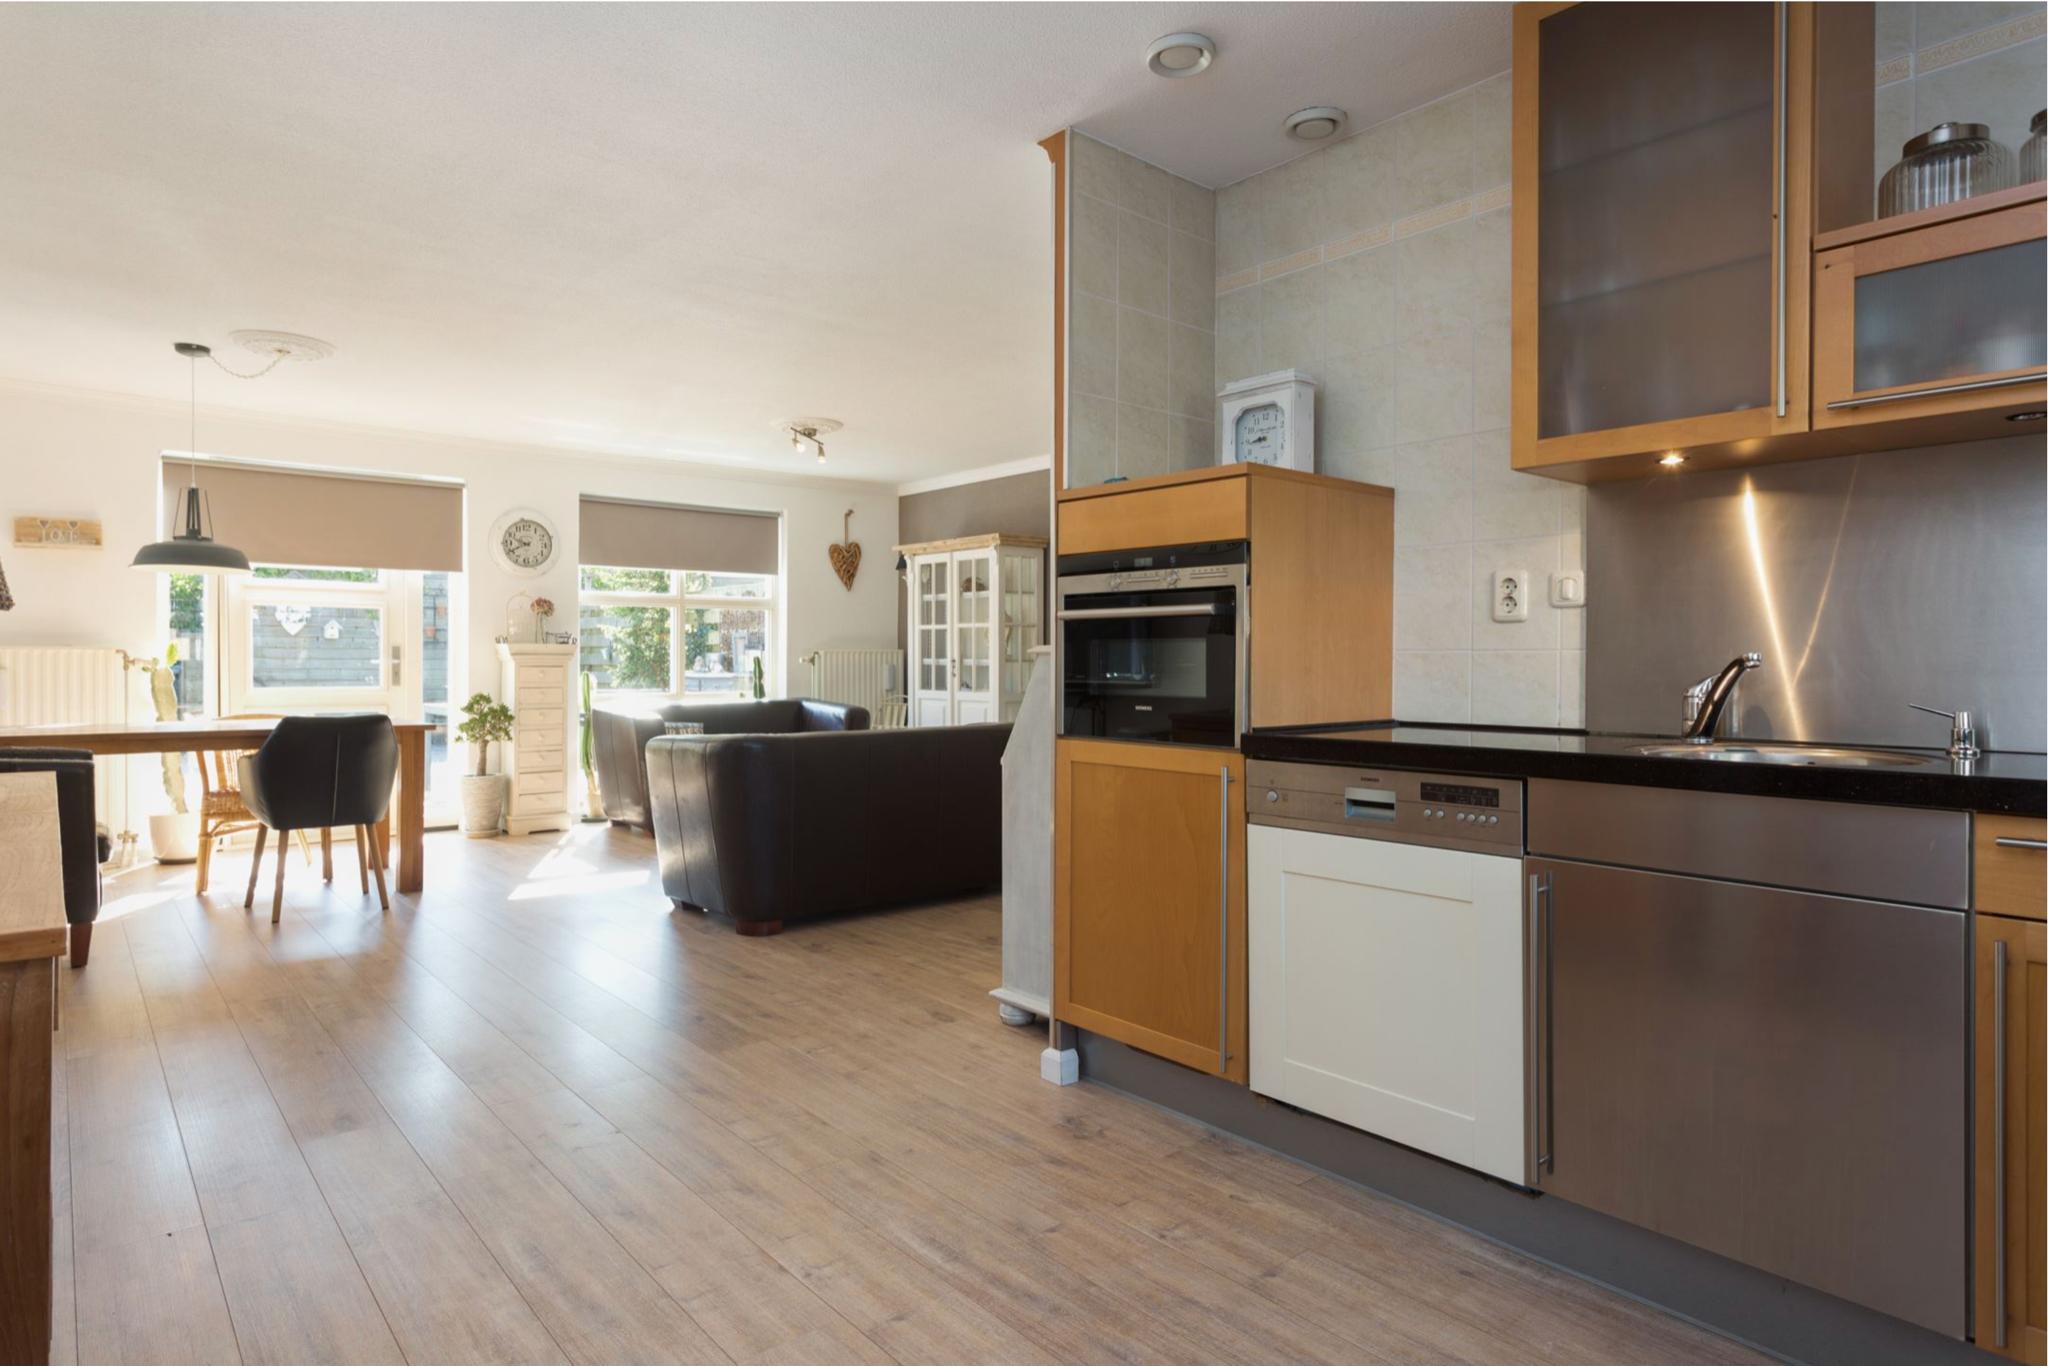 Beste Keuken Demonteren : Keuken demonteren afvoeren werkspot